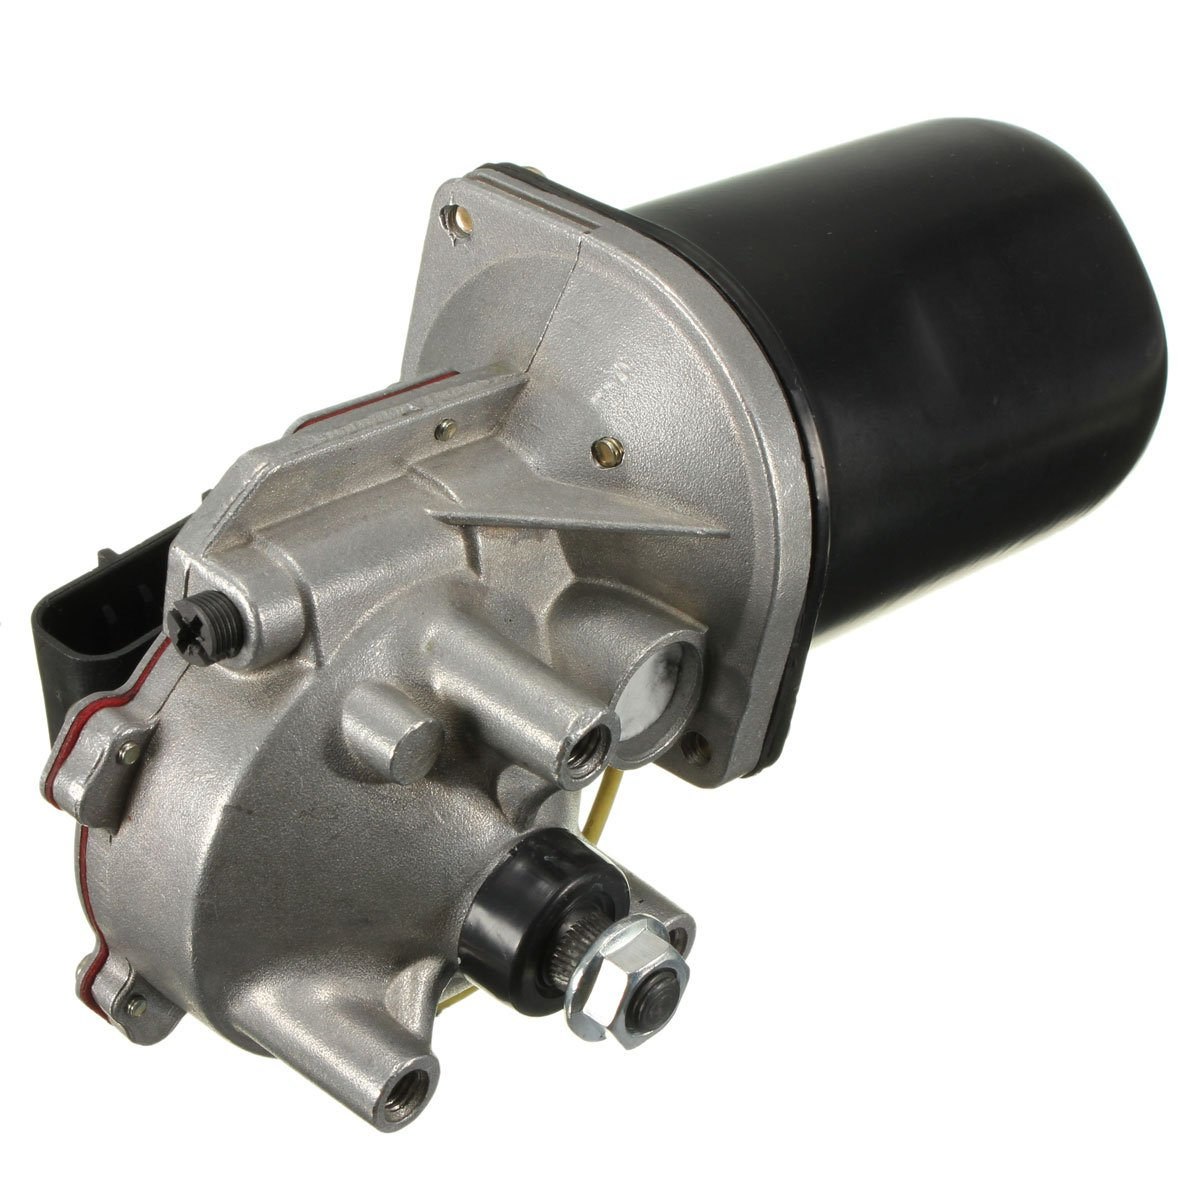 Plat Firm Motor del parabrisas del limpiaparabrisas delantero 12V ...